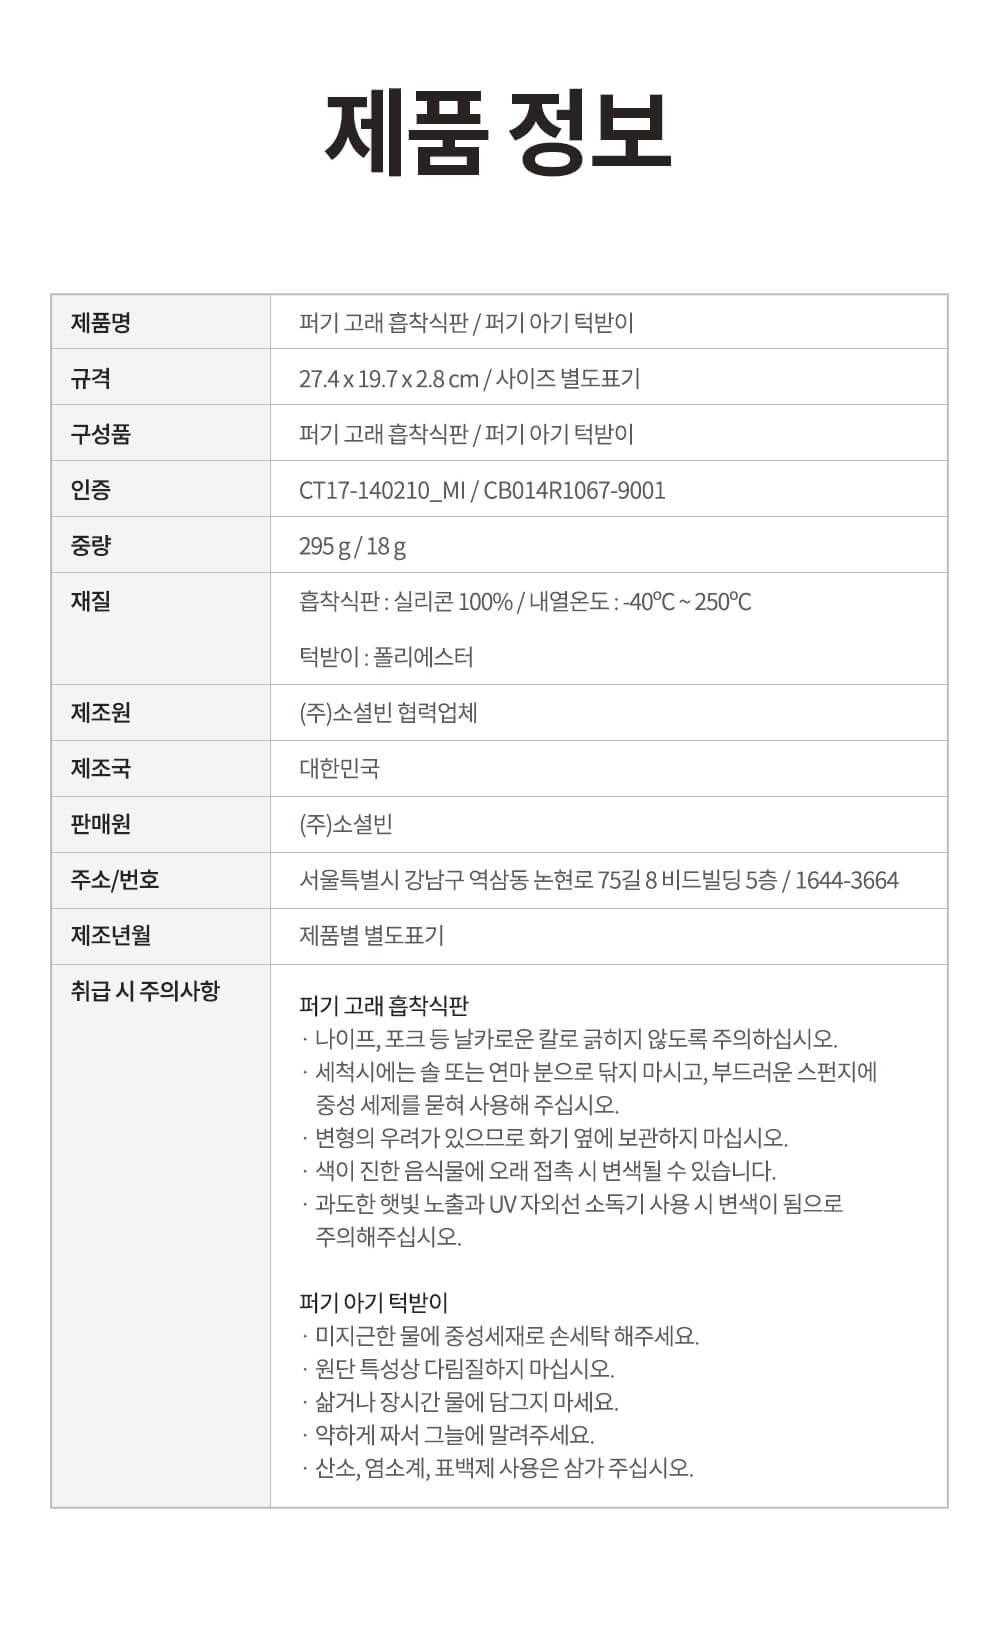 이유식패키지 상페21